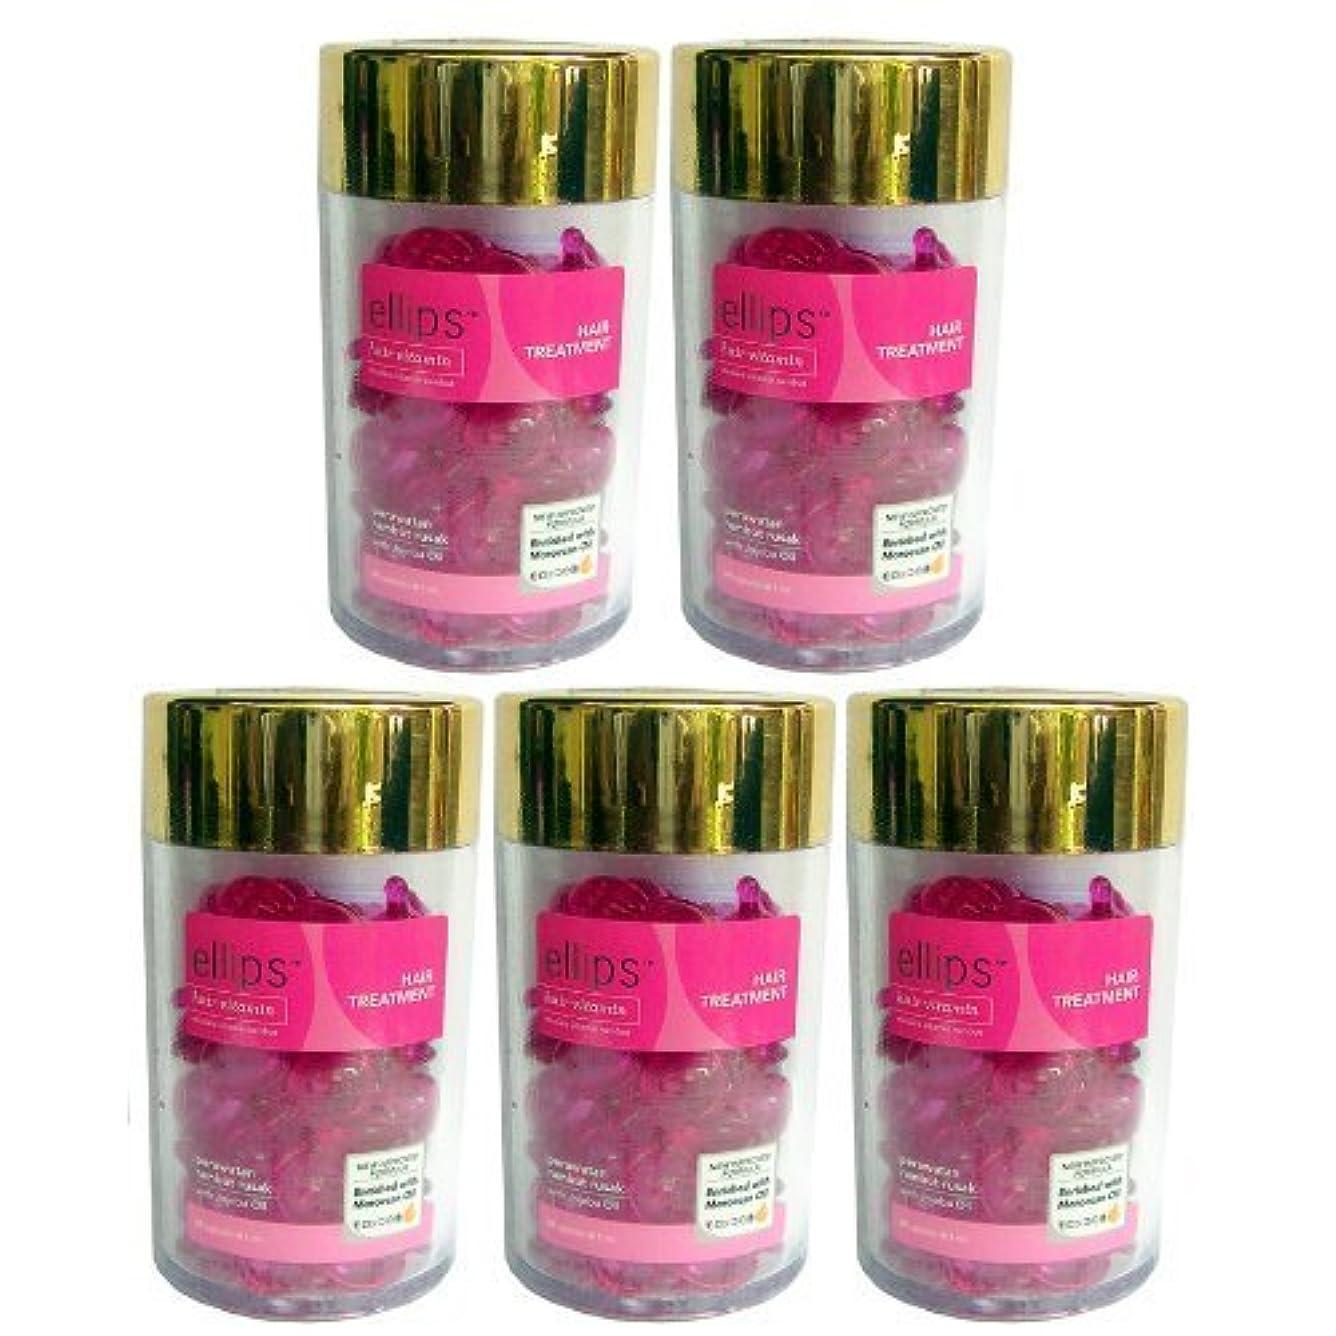 デッド熱注意エリップス ellips ヘアビタミン洗い流さないヘアトリートメント(並行輸入品) (ピンク5本) [並行輸入品]